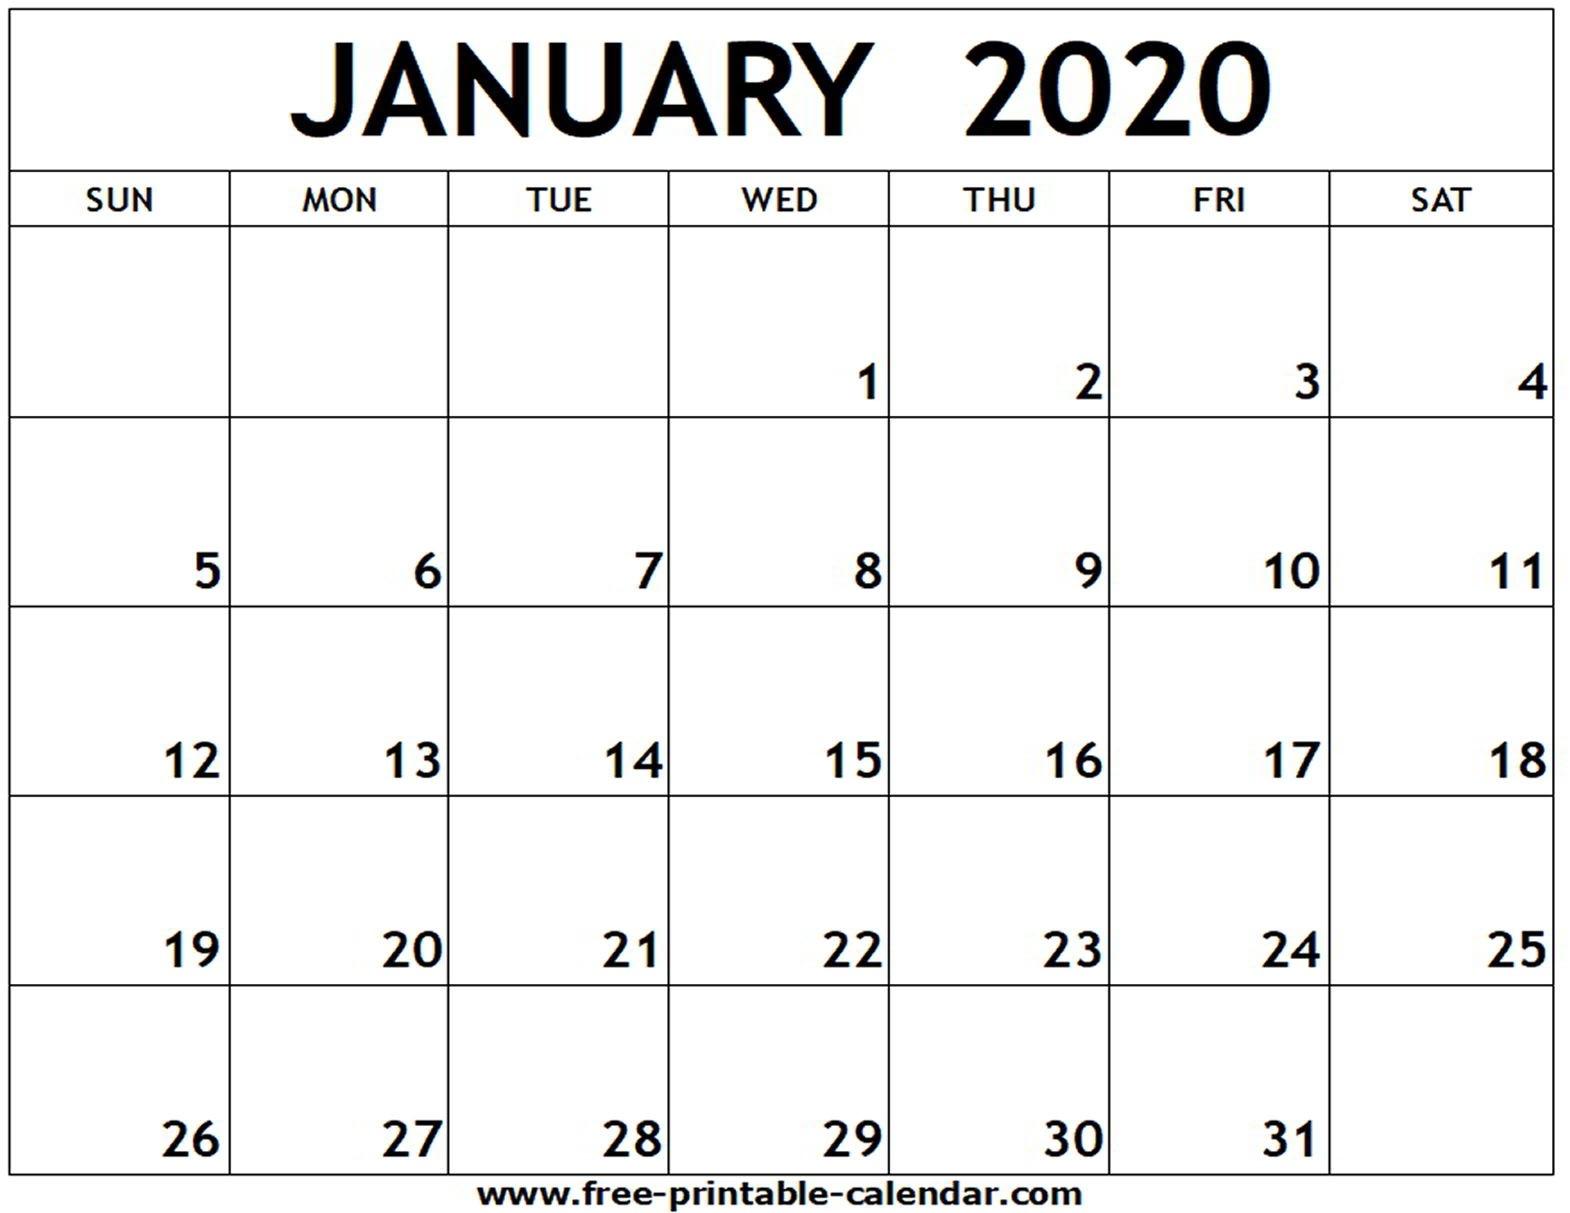 January 2020 Printable Calendar - Free-Printable-Calendar-Printable Monthly Calendar January 2020